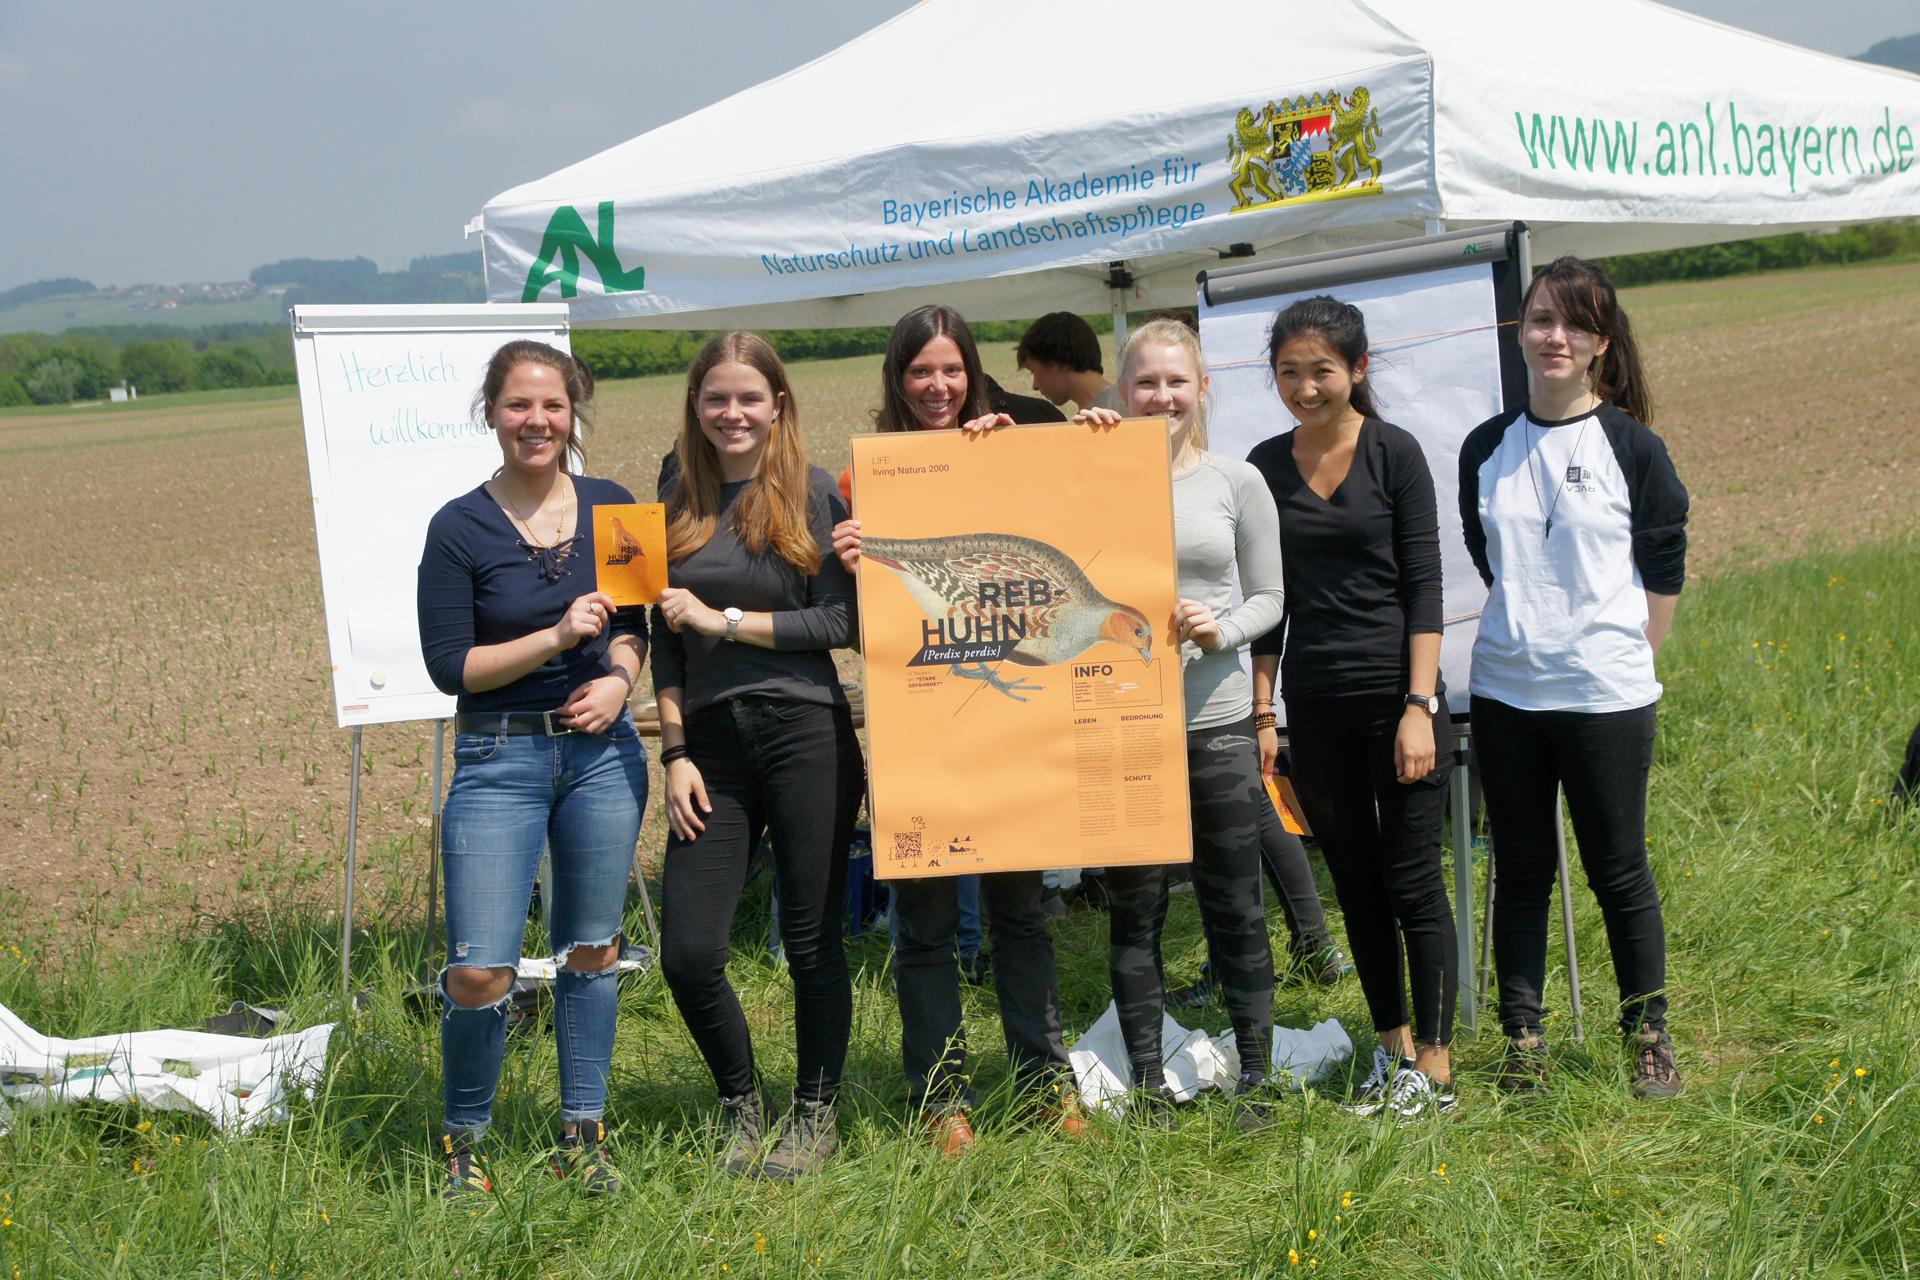 Eine Gruppe junger Schülerinnen stehen am Feld unter einem Pavillon und präsentieren ein Plakat zum Rebhuhn.